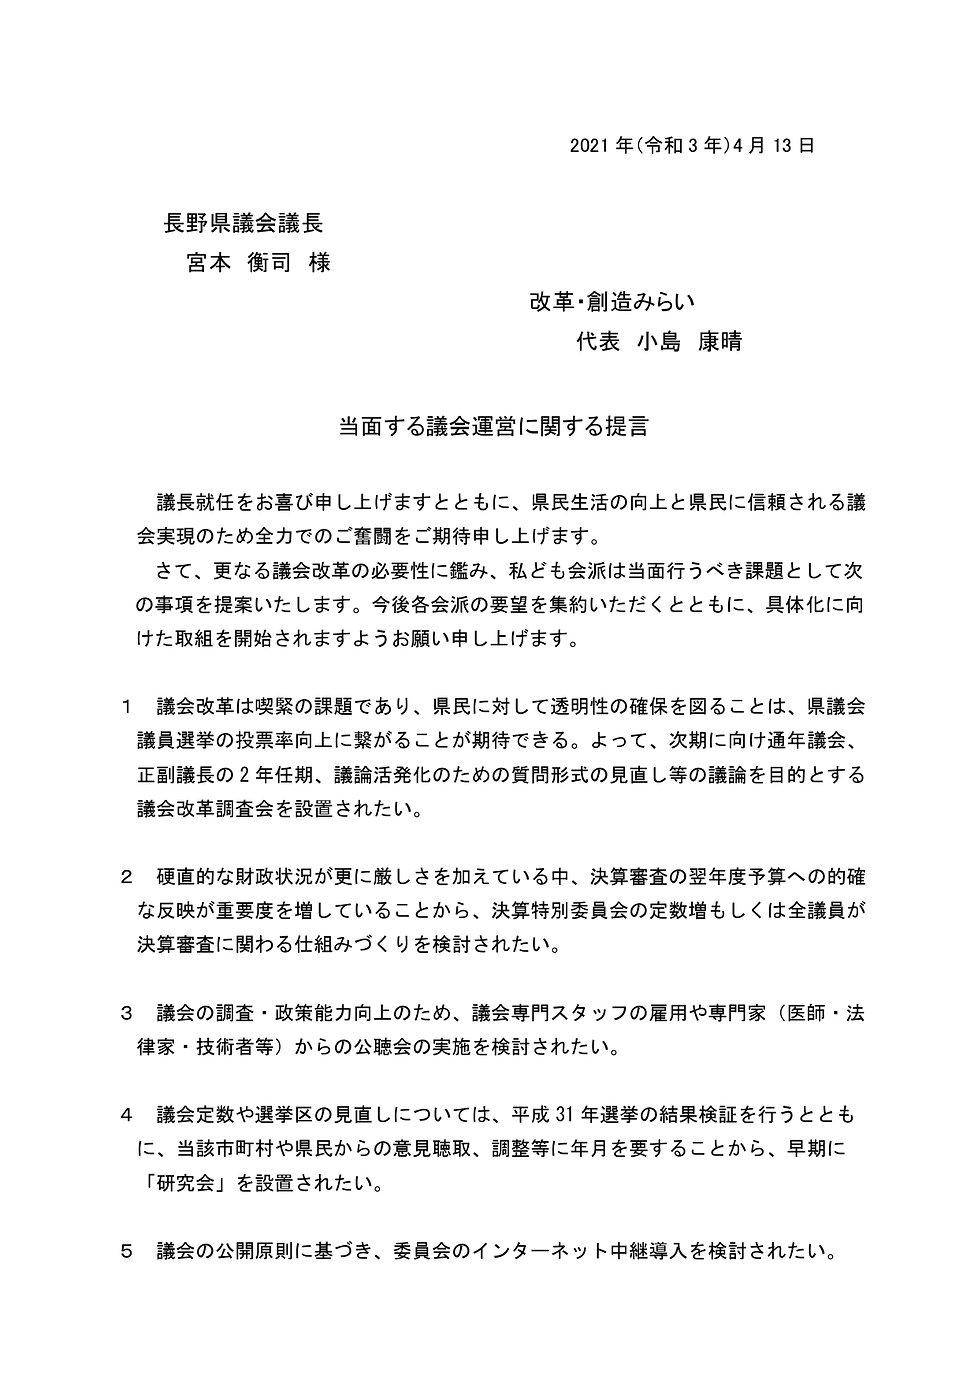 当面する議会運営に関する提言(R3)4.13_page-0001.jpg